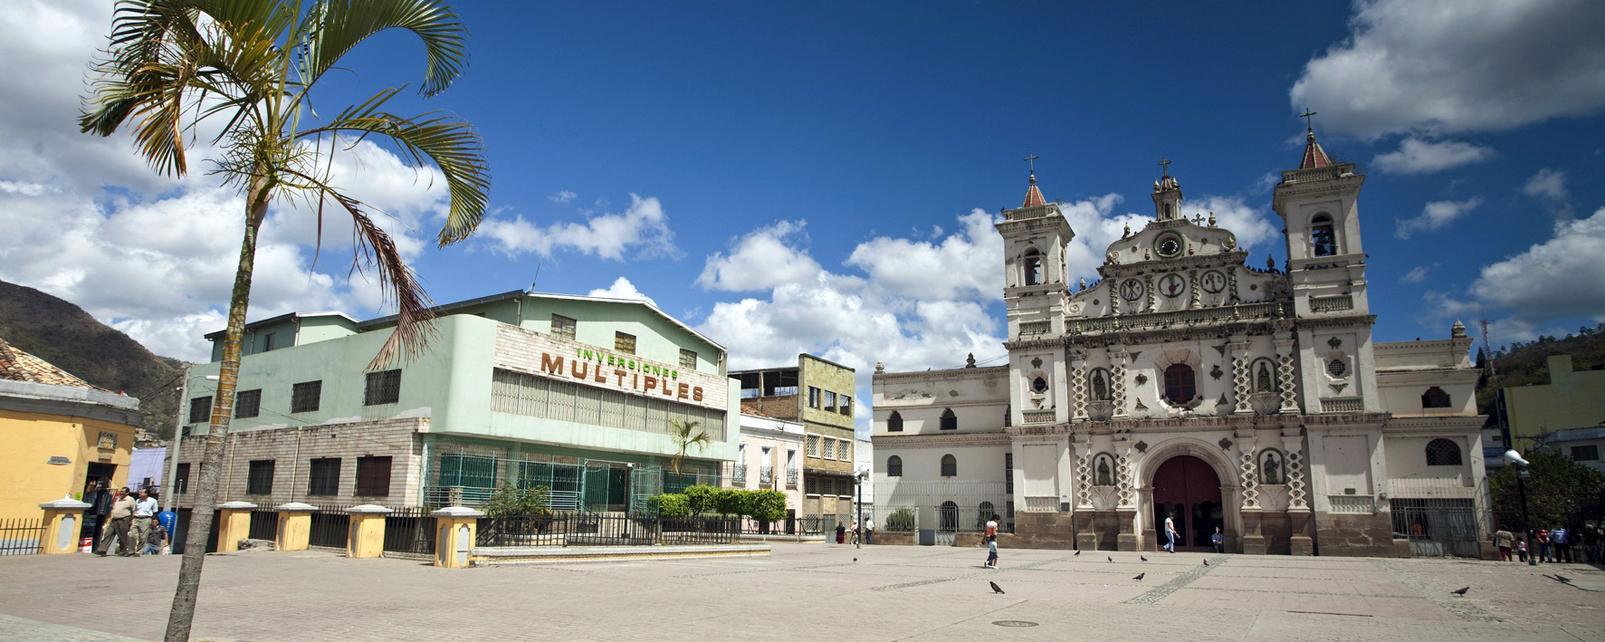 Cheap Hotels In Tegucigalpa Honduras